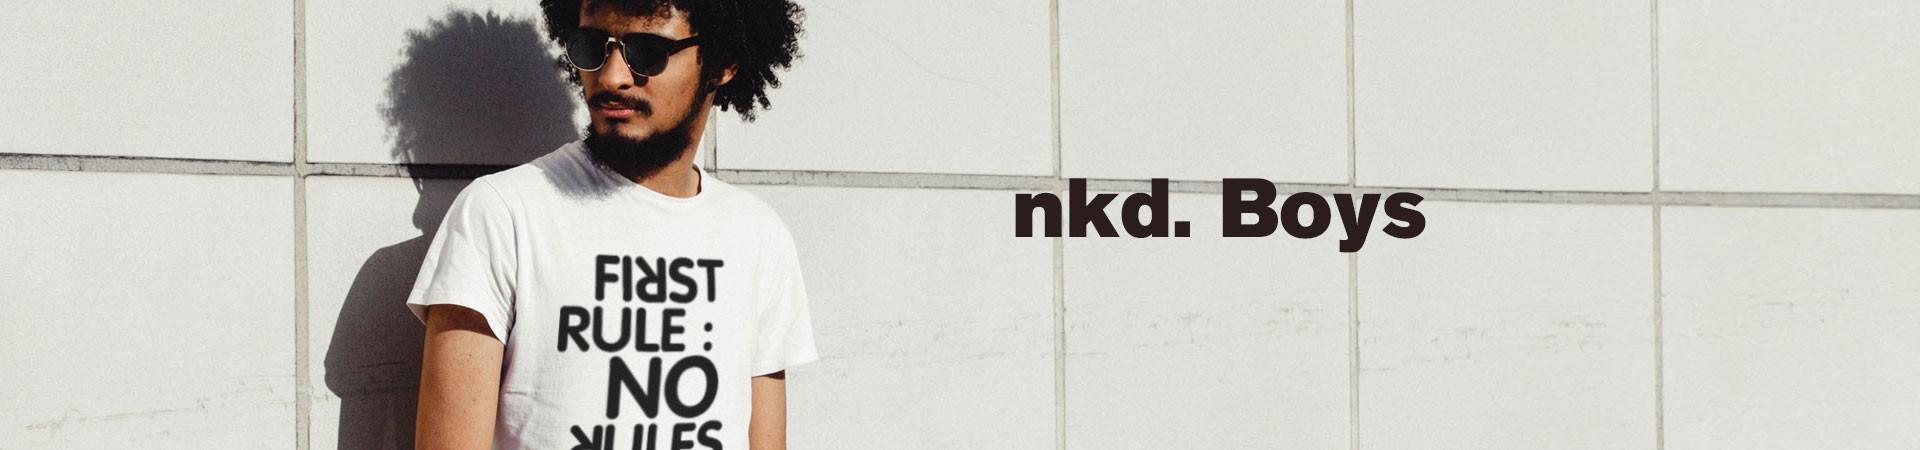 nkd Boys